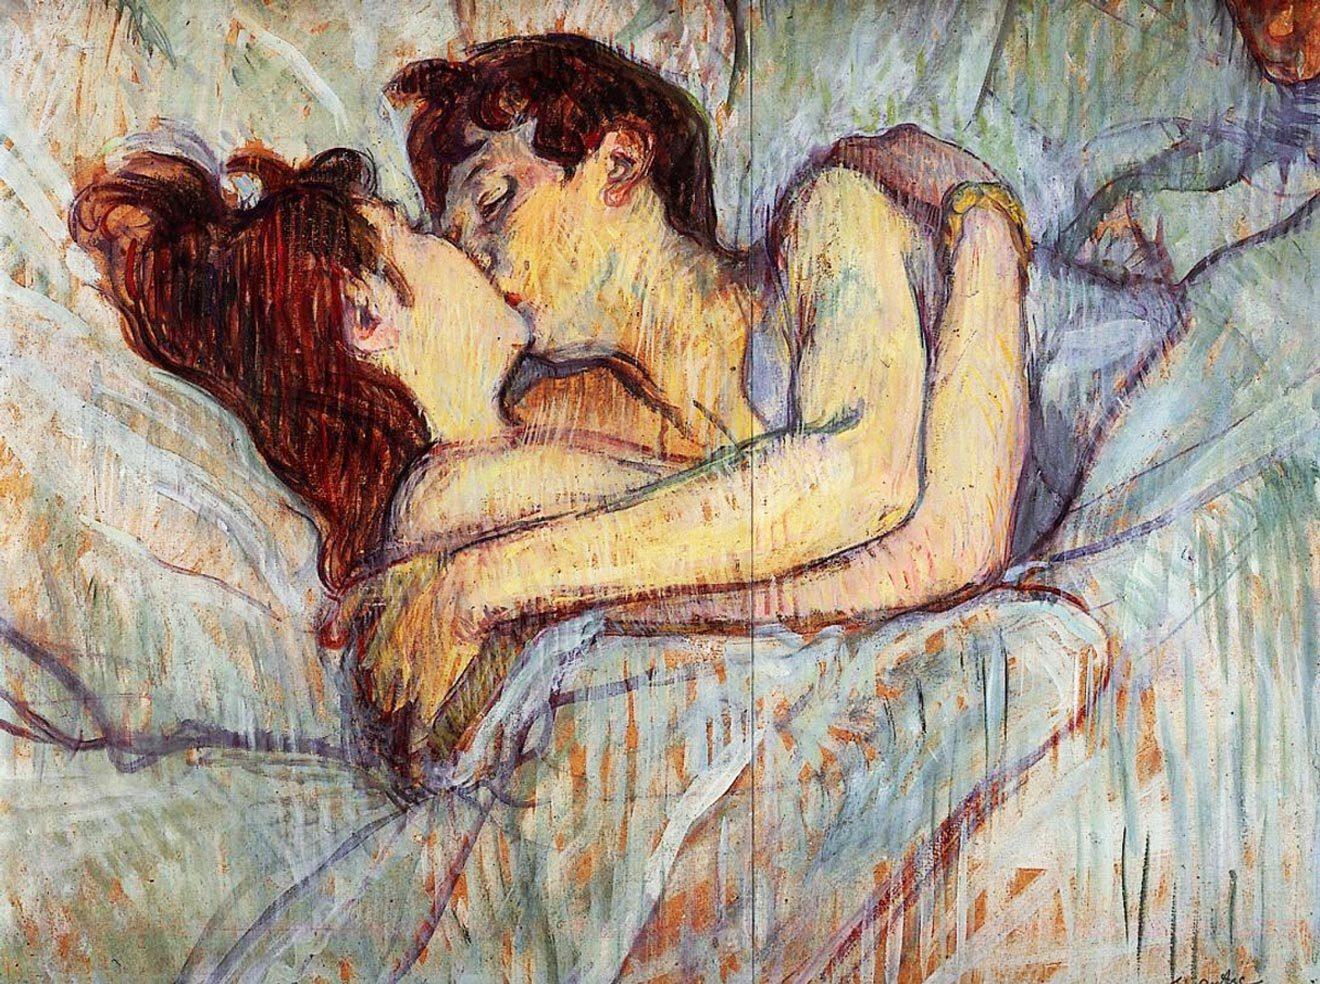 В постели: поцелуй. Анри де Тулуз-Лотрек. 1892 годЧастное собрание / Arthive